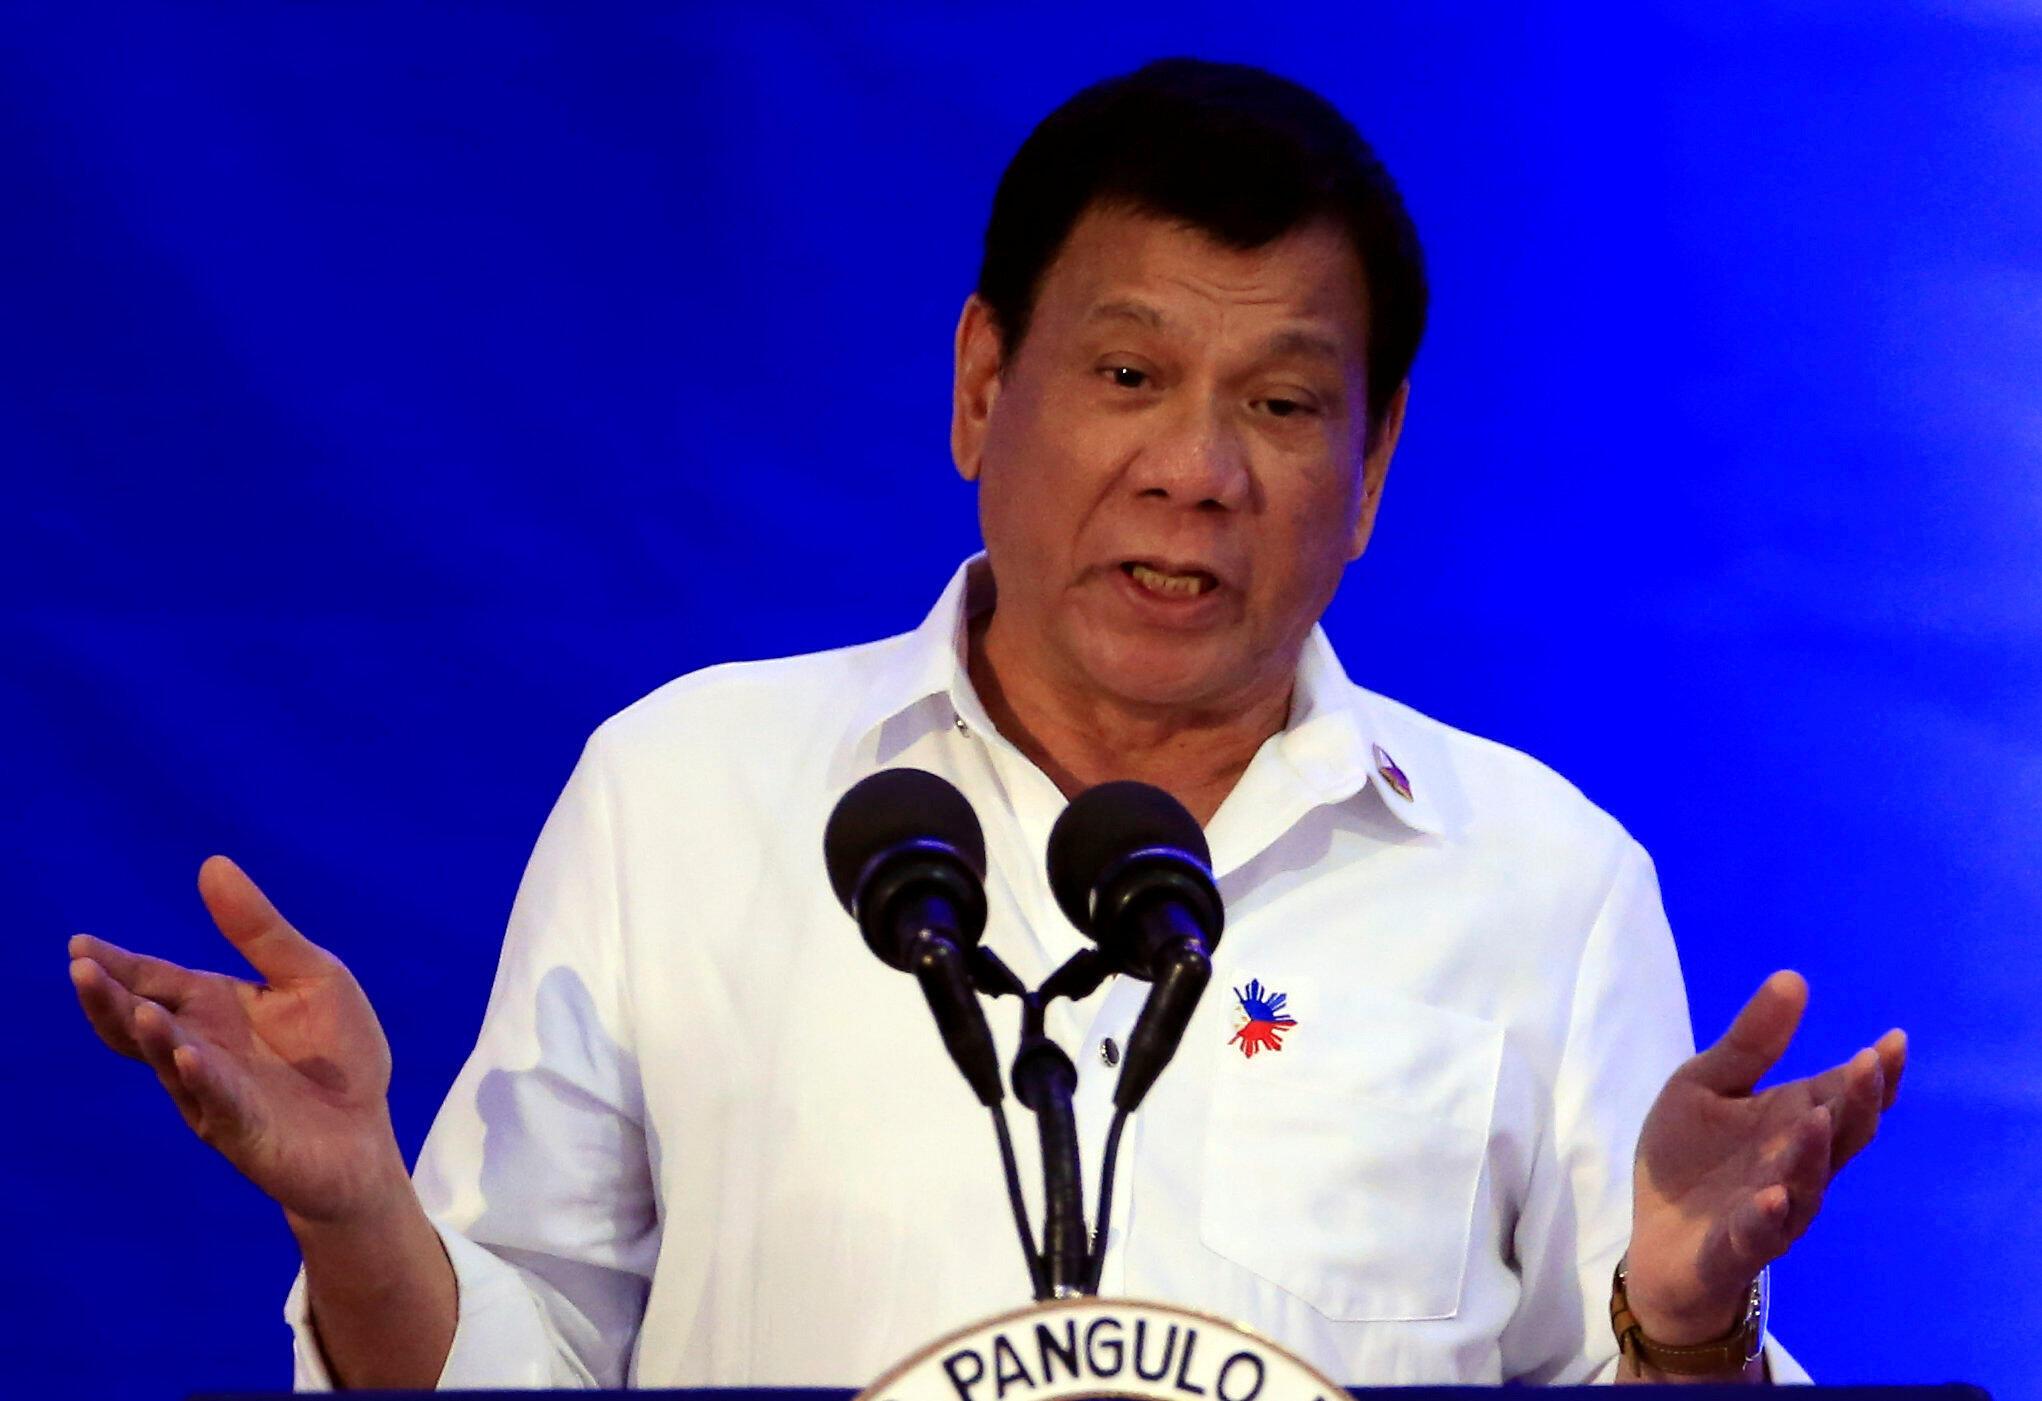 លោកប្រធានាធិបតីហ្វីលីពីនទី១៦ Rodrigo Duterte ដែលទើបនឹងឡើងកាន់អំណាចកាលពីដើមឆ្នាំ ២០១៦ កន្លងទៅនេះ បានមកដល់ប្រទេសកម្ពុជាកាលពីល្ងាចថ្ងៃអង្គារម្សិលមិញ ដើម្បីបំពេញទស្សនកិច្ចផ្លូវរដ្ឋរយៈពេល ២ថ្ងៃ គឺថ្ងៃទី ១៣ និងទី ១៤ធ្នូ។